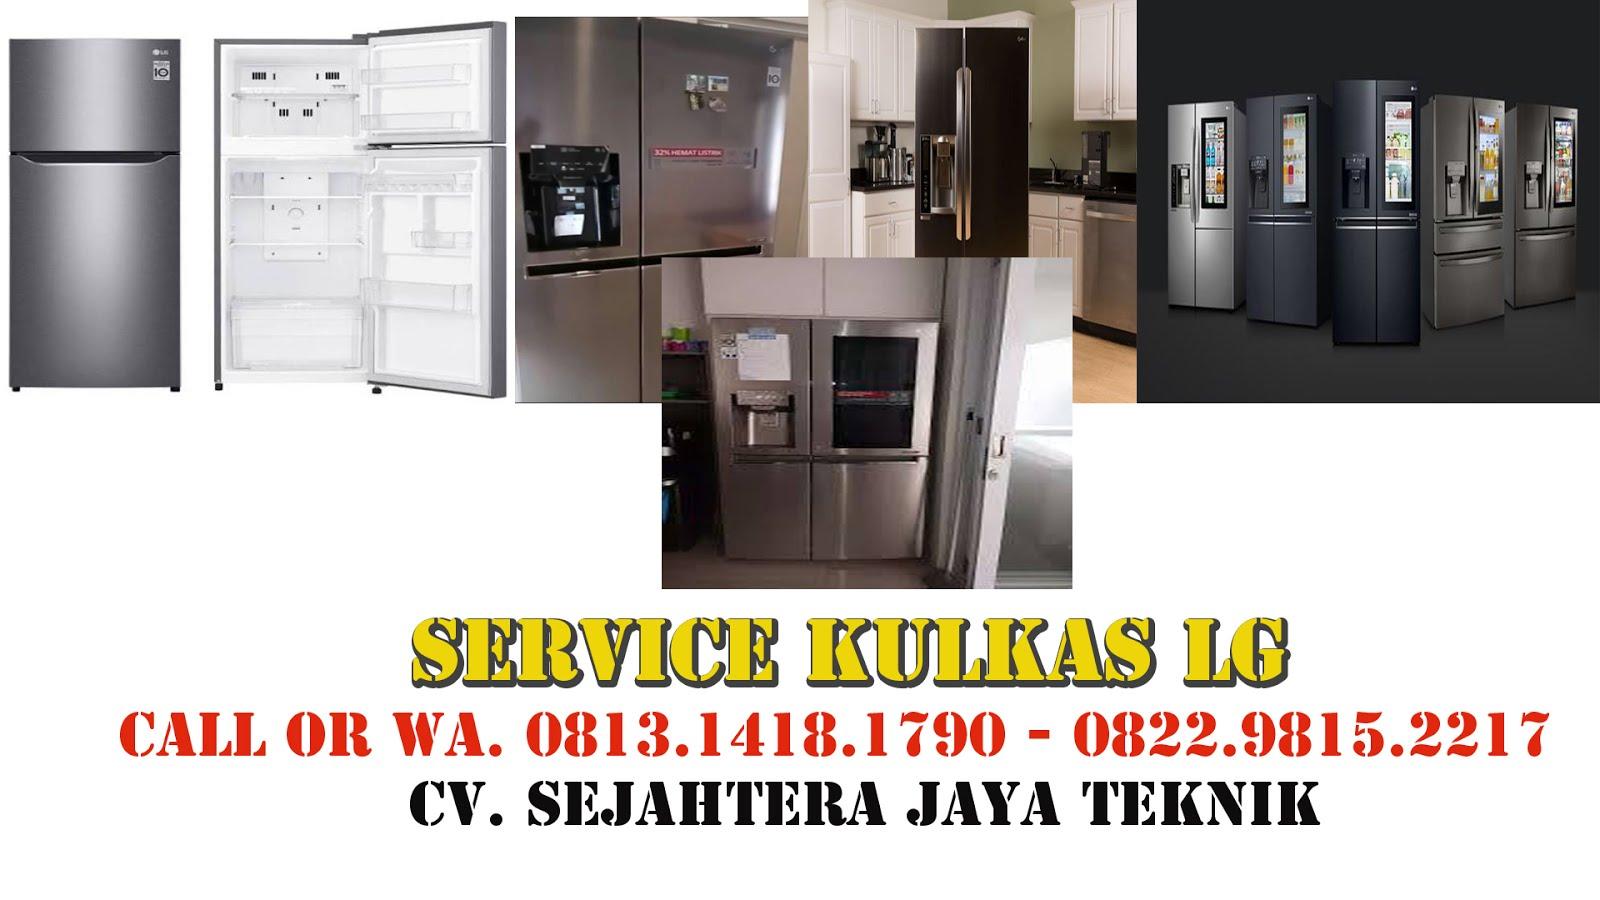 Service Kulkas LG di Jakarta Pusat